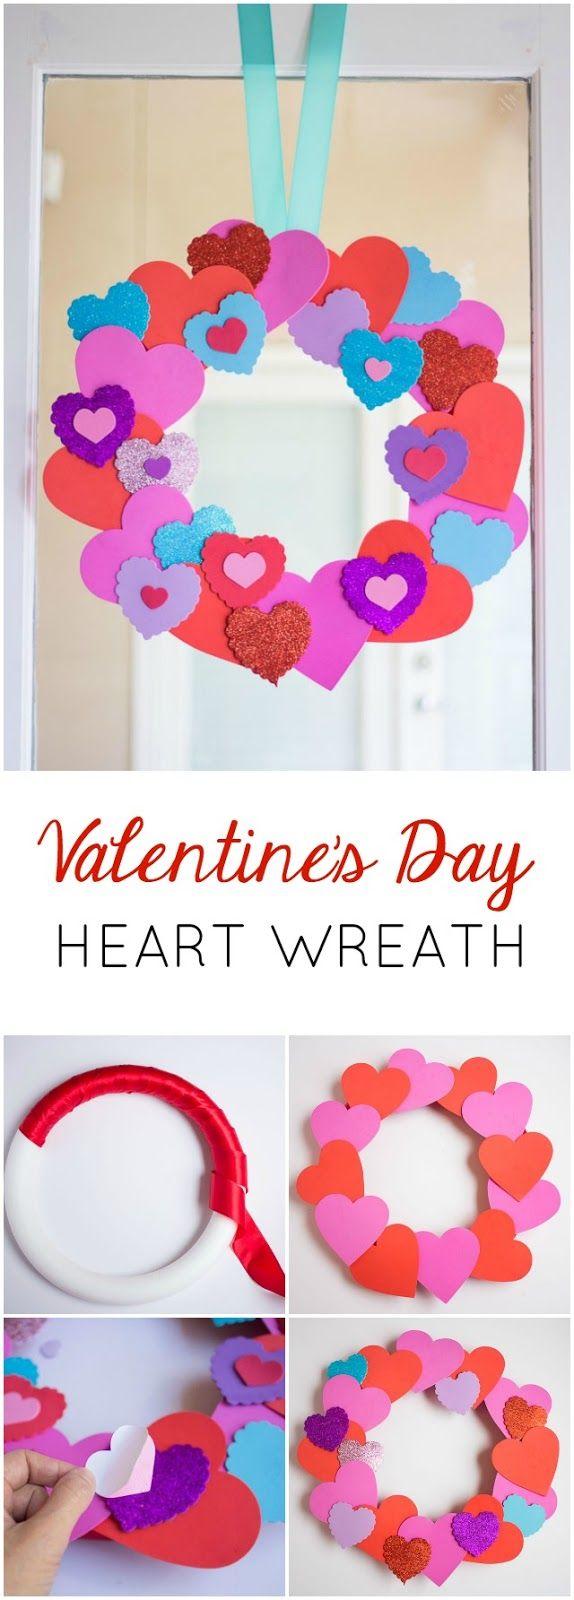 Valentines day preschool crafts - Valentine S Day Heart Wreath